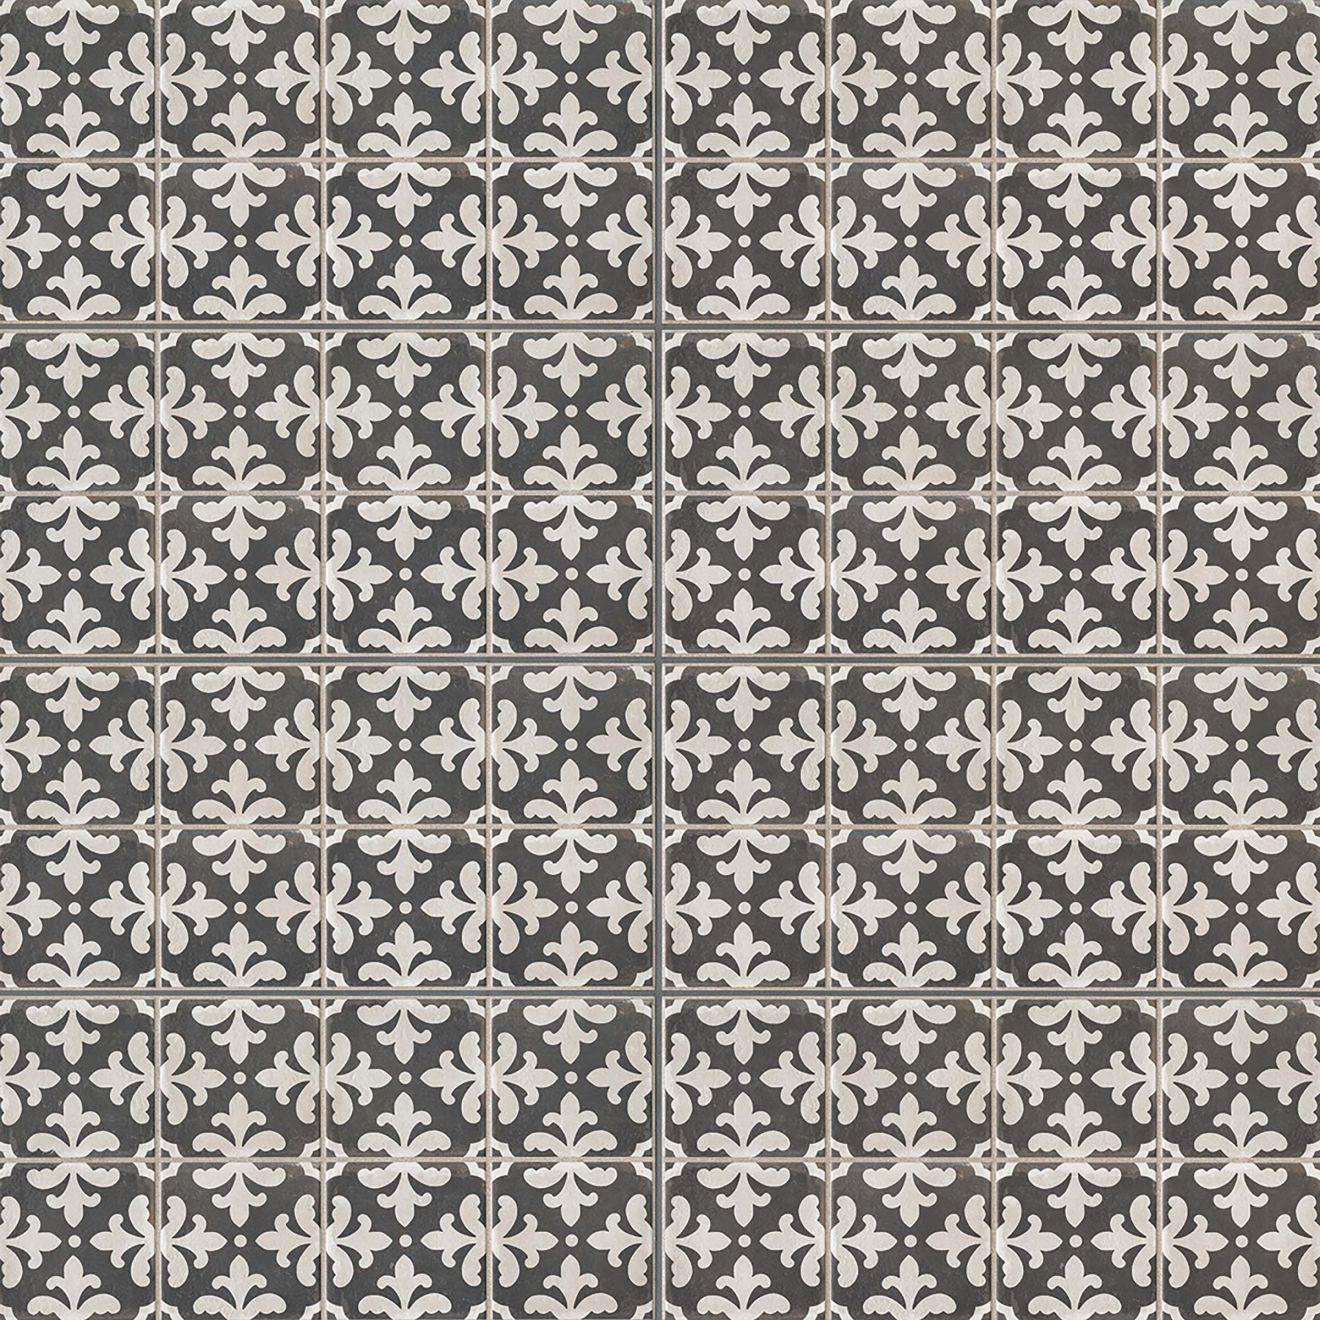 """Palazzo 12"""" x 24"""" Decorative Tile in Castle Graphite Florentina"""